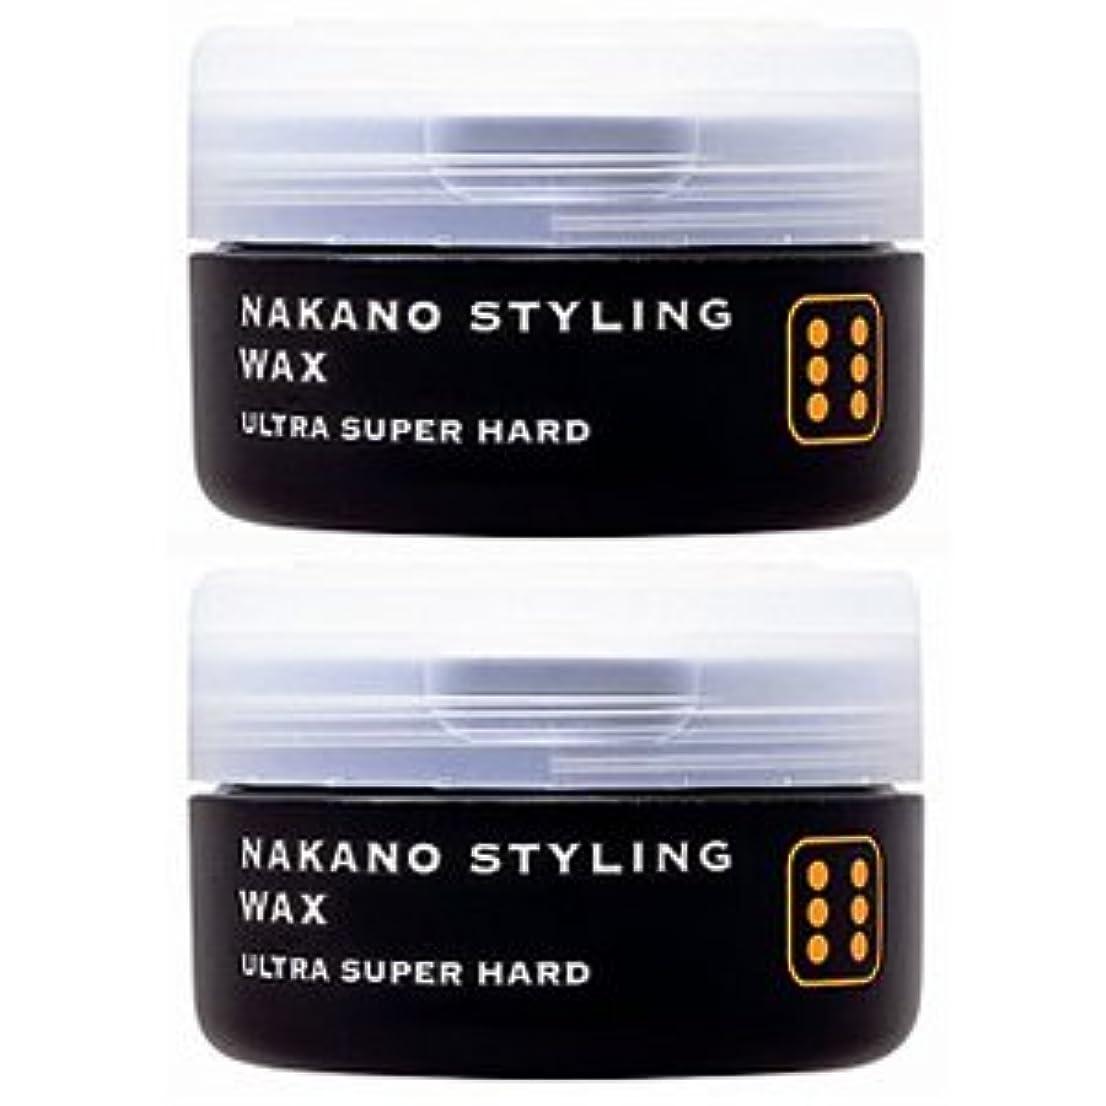 放課後血色の良い非公式ナカノ スタイリングワックス 6 ウルトラスーパーハード 90g 『2個セット』